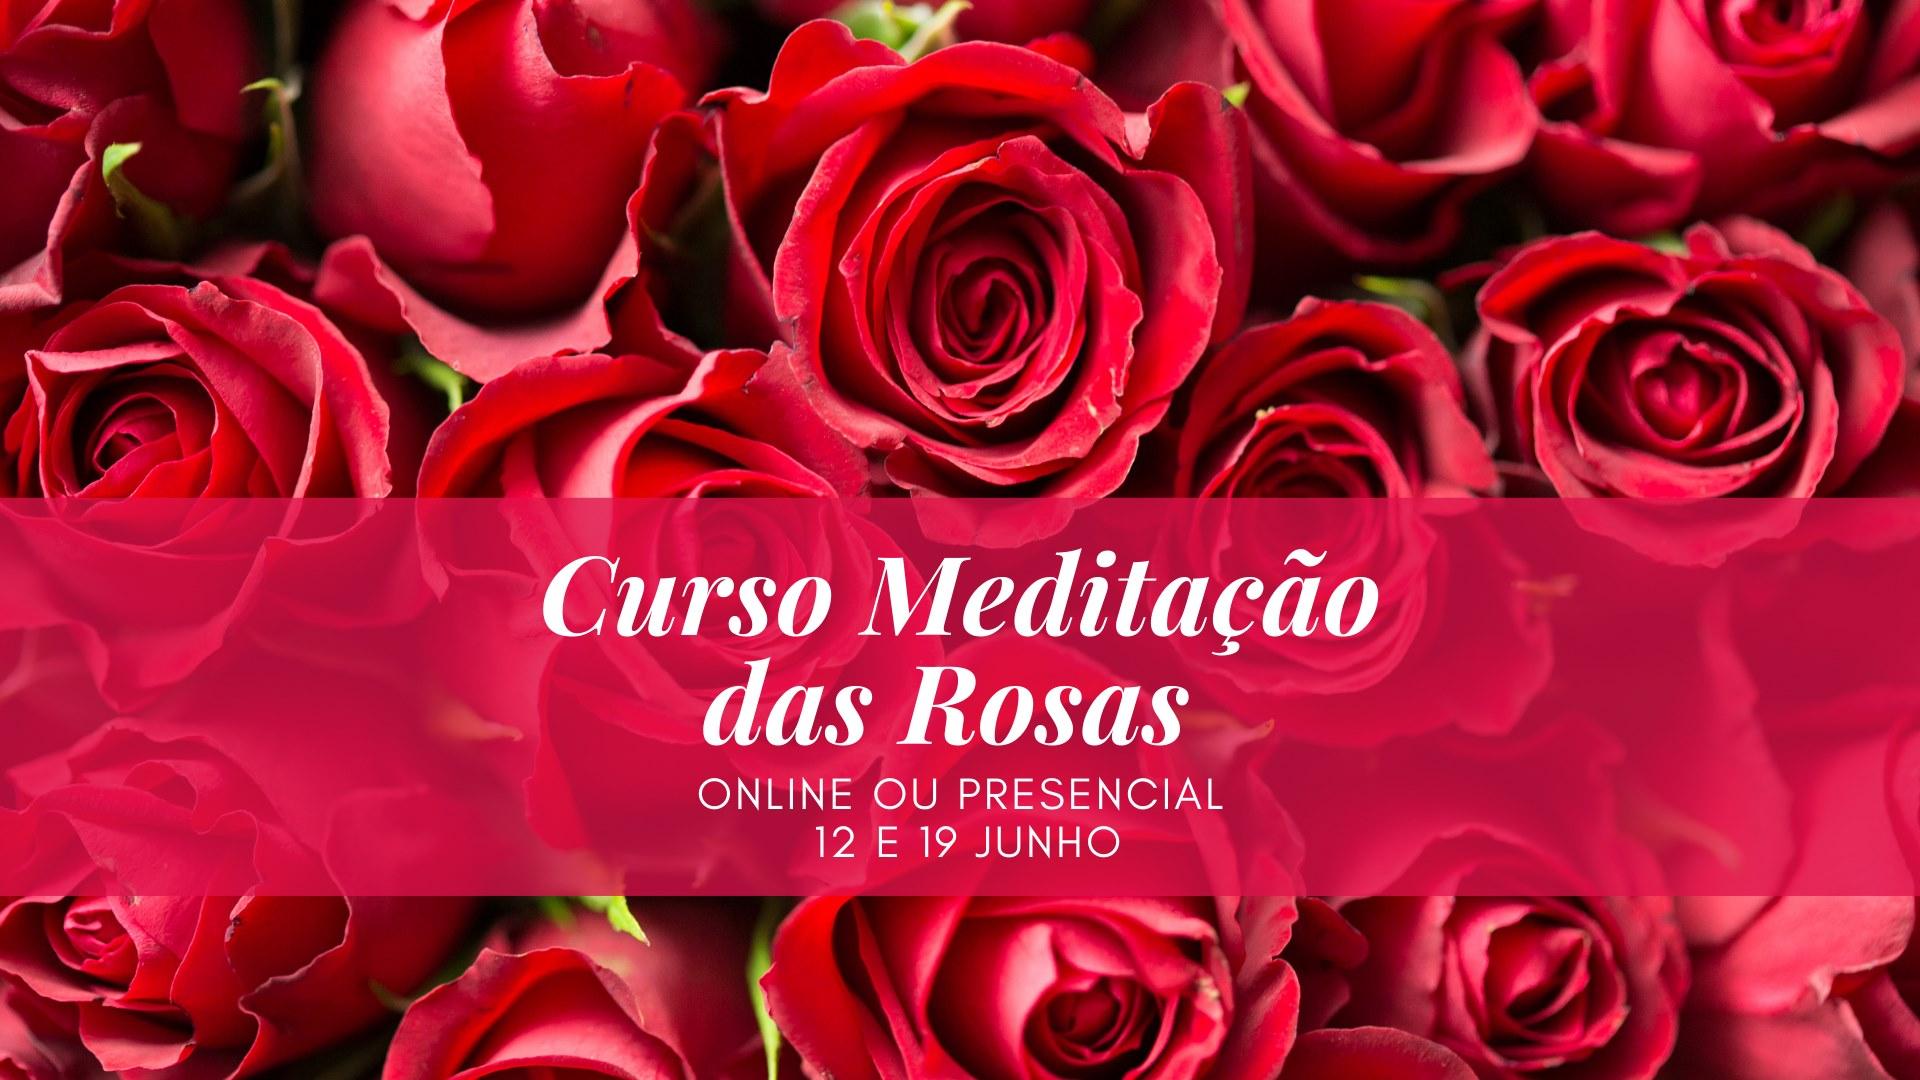 Curso Meditação das Rosas (Online e/ou Presencial)